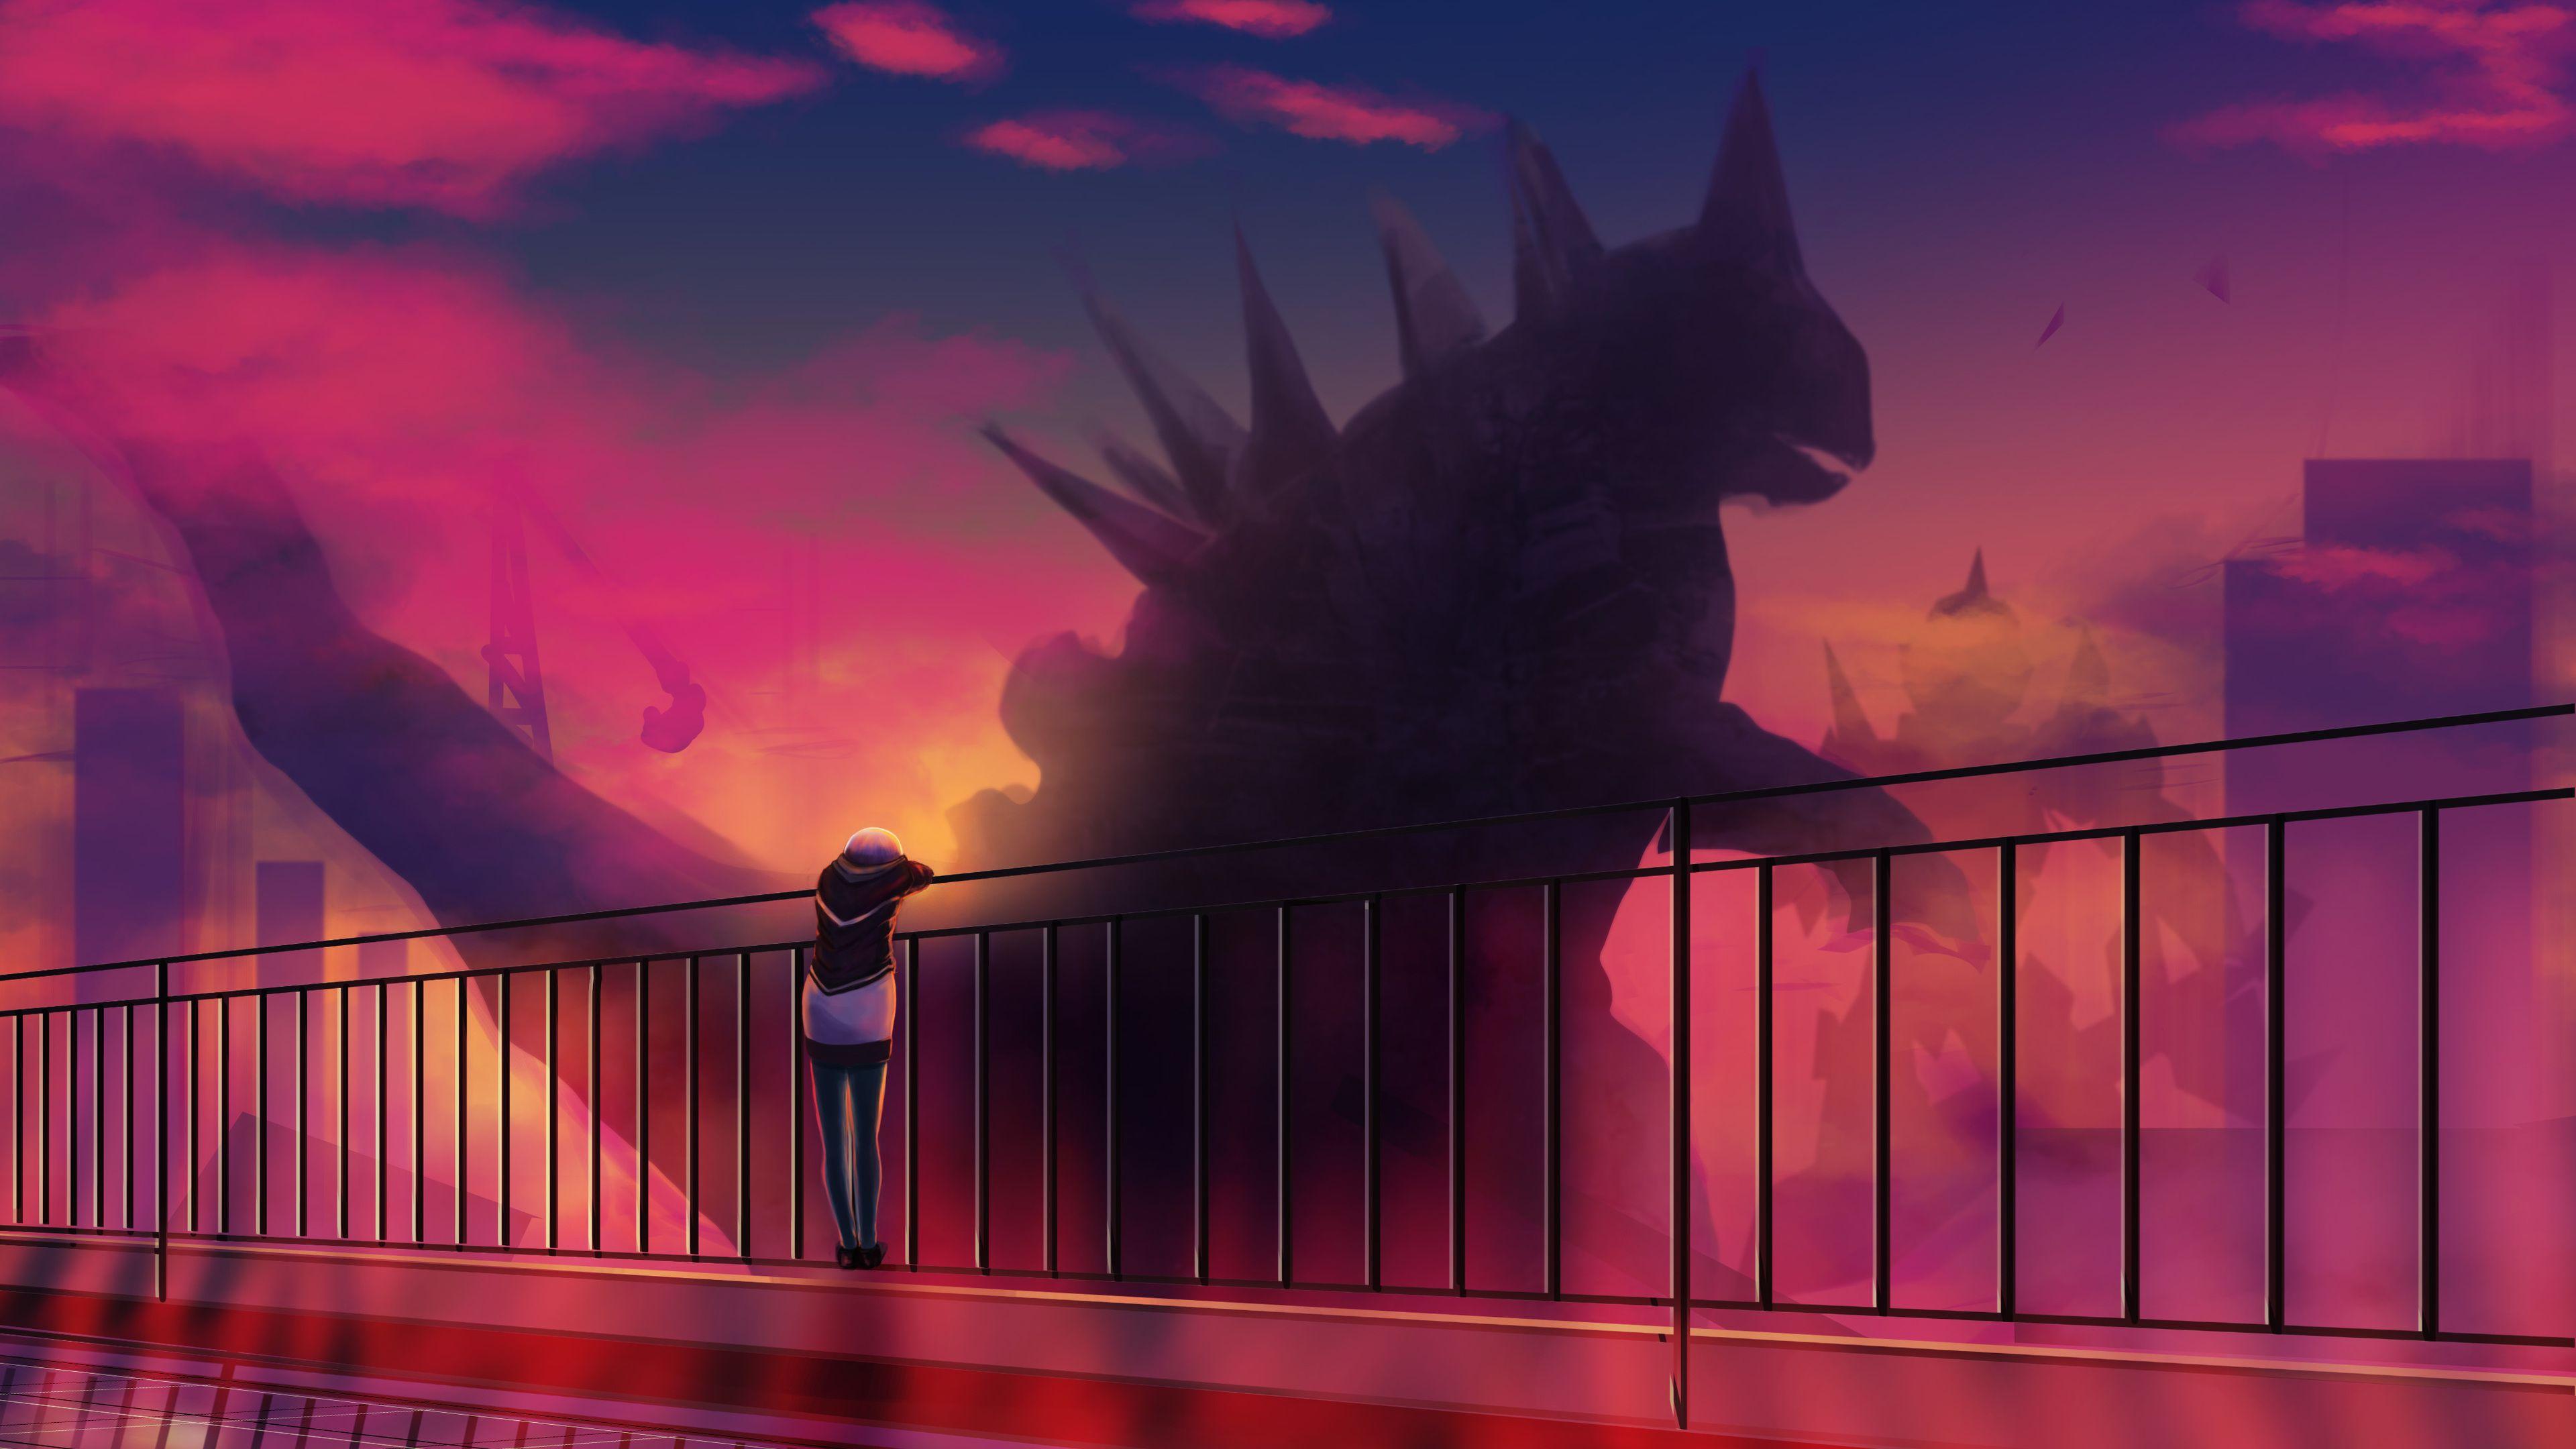 Akane Shinjou Anime 4k Pixiv Wallpapers Hd Wallpapers Digital Art Wallpapers Artwork Wallpapers Artist Wallpapers Anim In 2020 Art Wallpaper Anime Wallpaper Anime